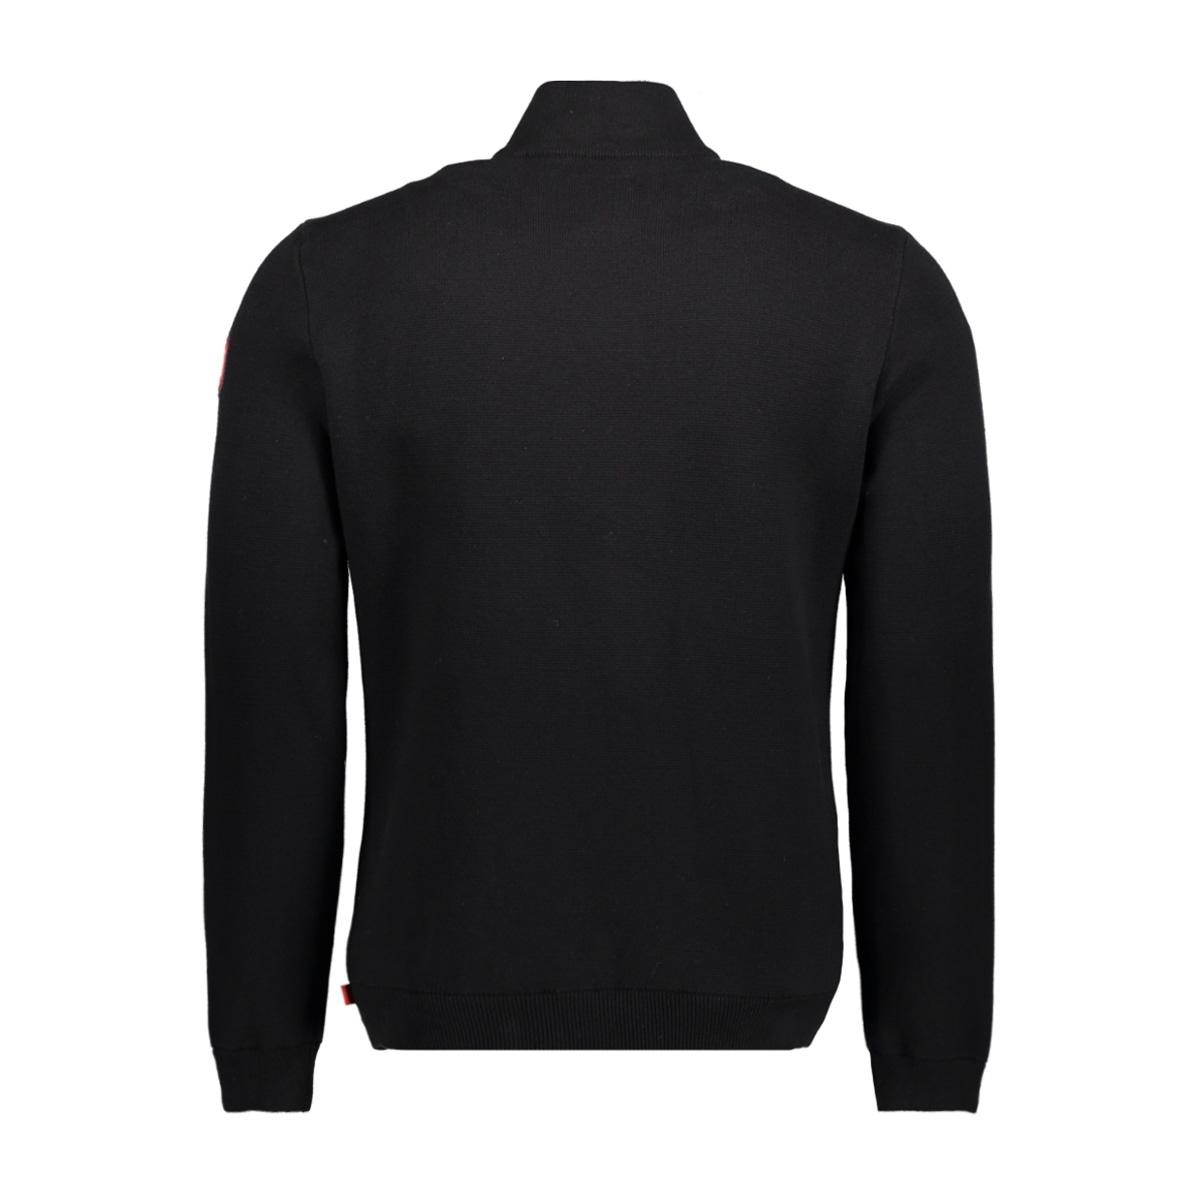 3022899.00.10 tom tailor vest 2999